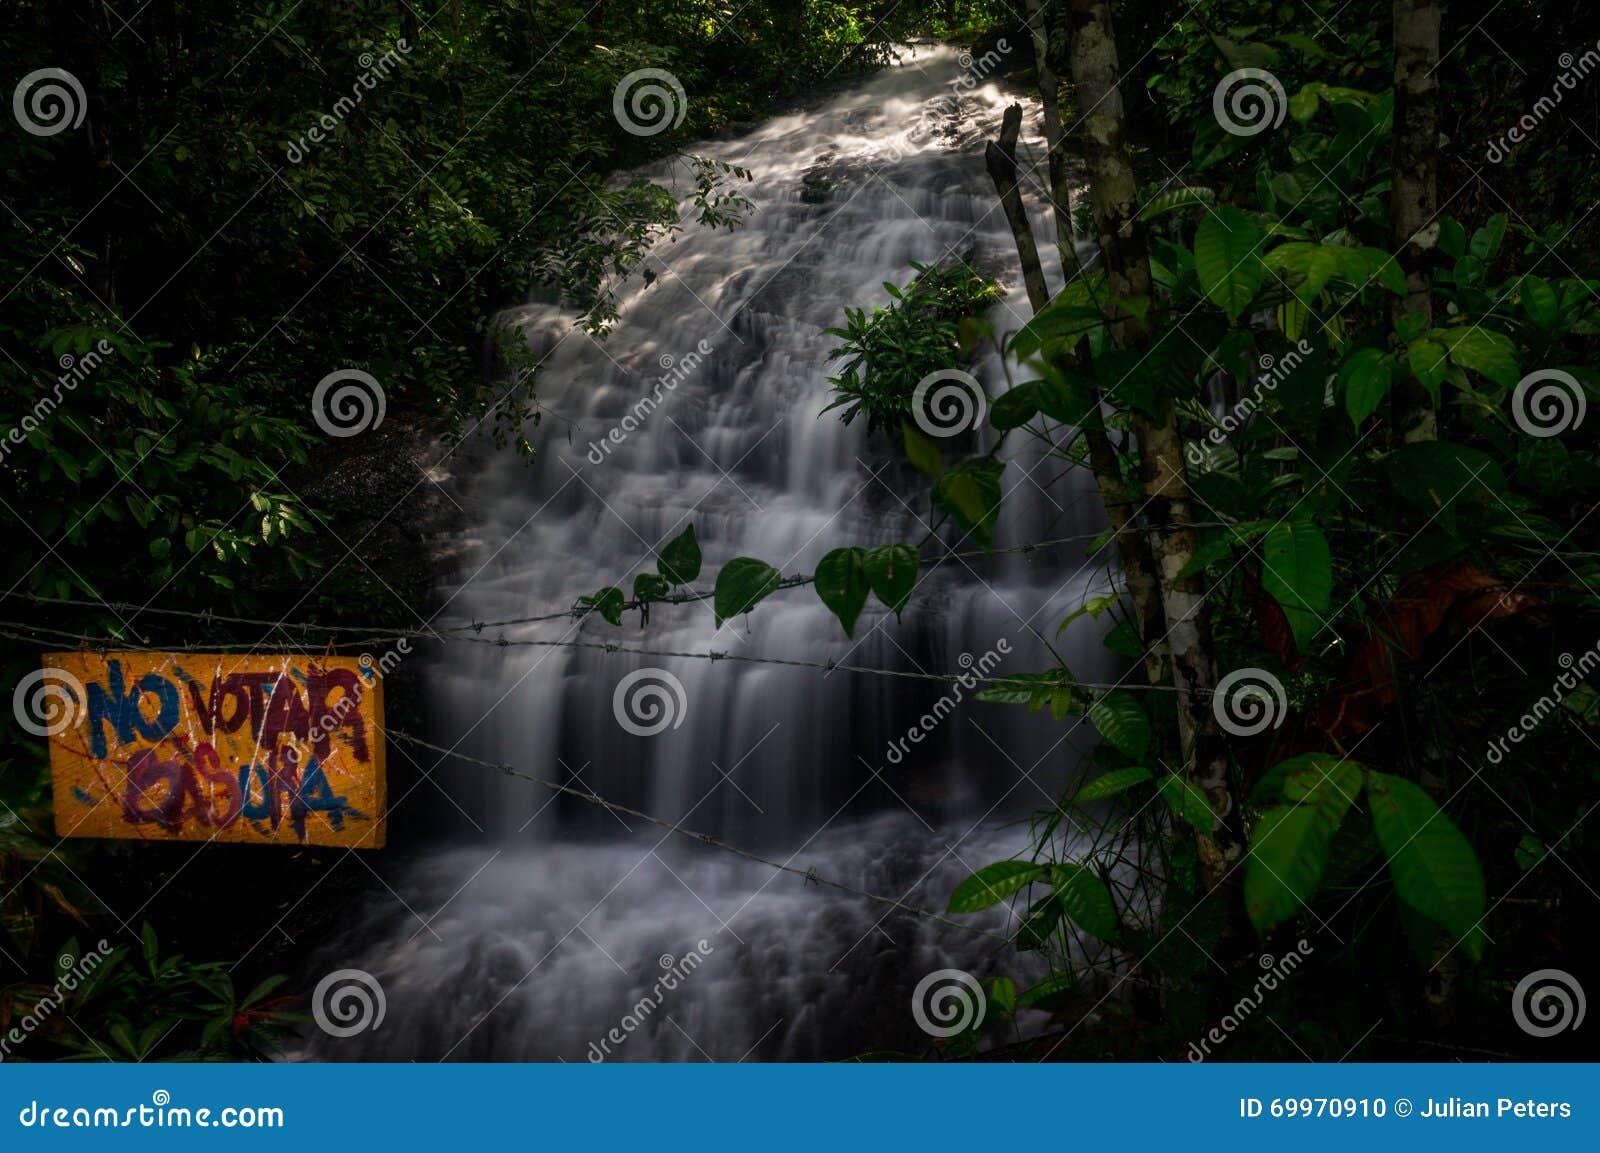 Spanisch kein Abfallzeichen vor Wasserfall